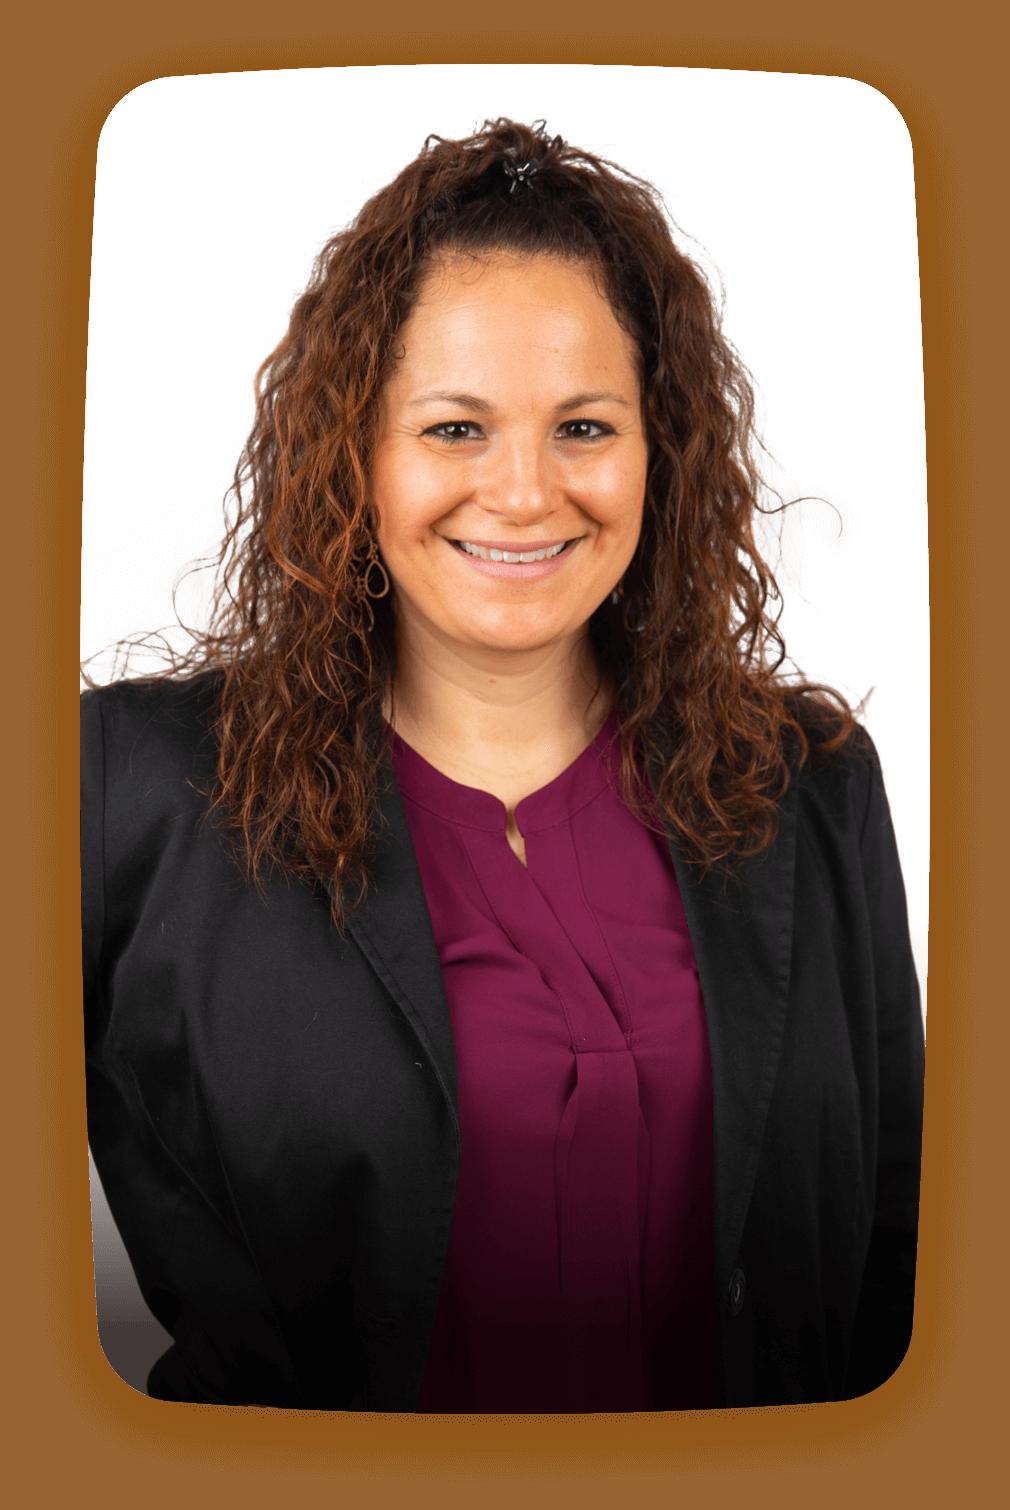 Kristen Boschetto, Owner & VP of Sales